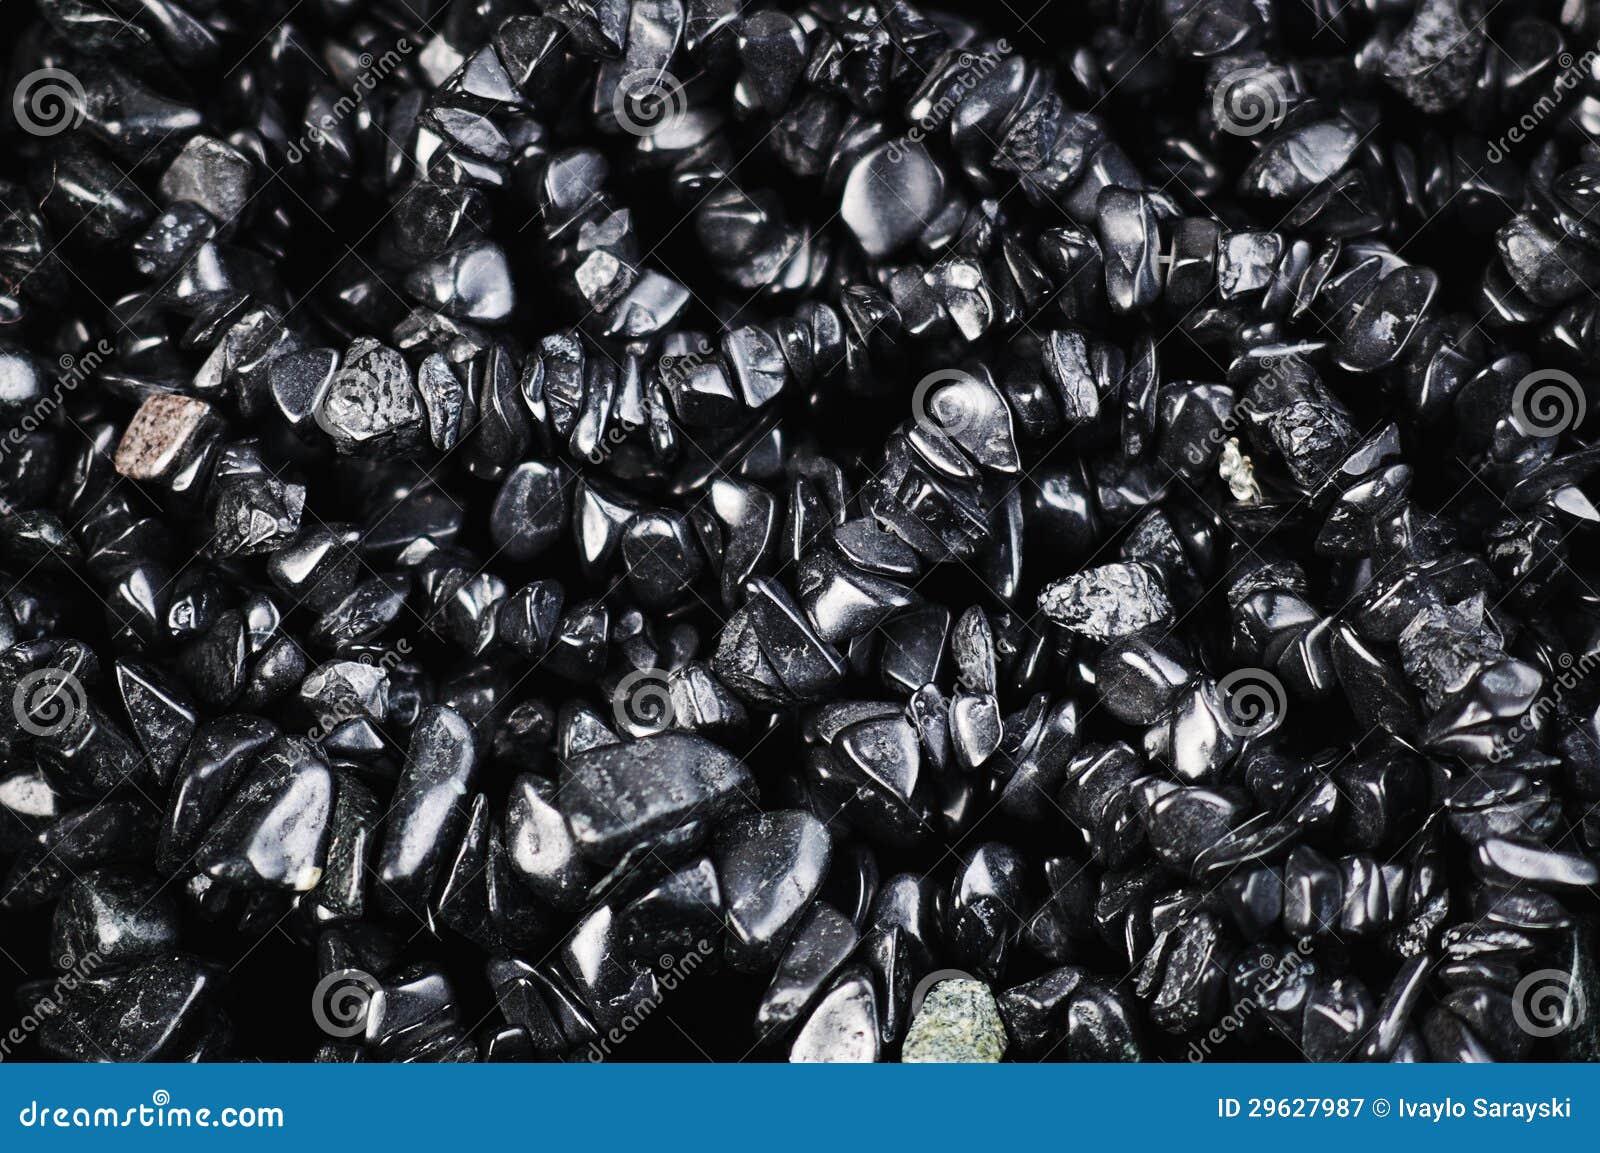 Schwarze steine lizenzfreie stockfotografie bild 29627987 for Schwarze steine deko